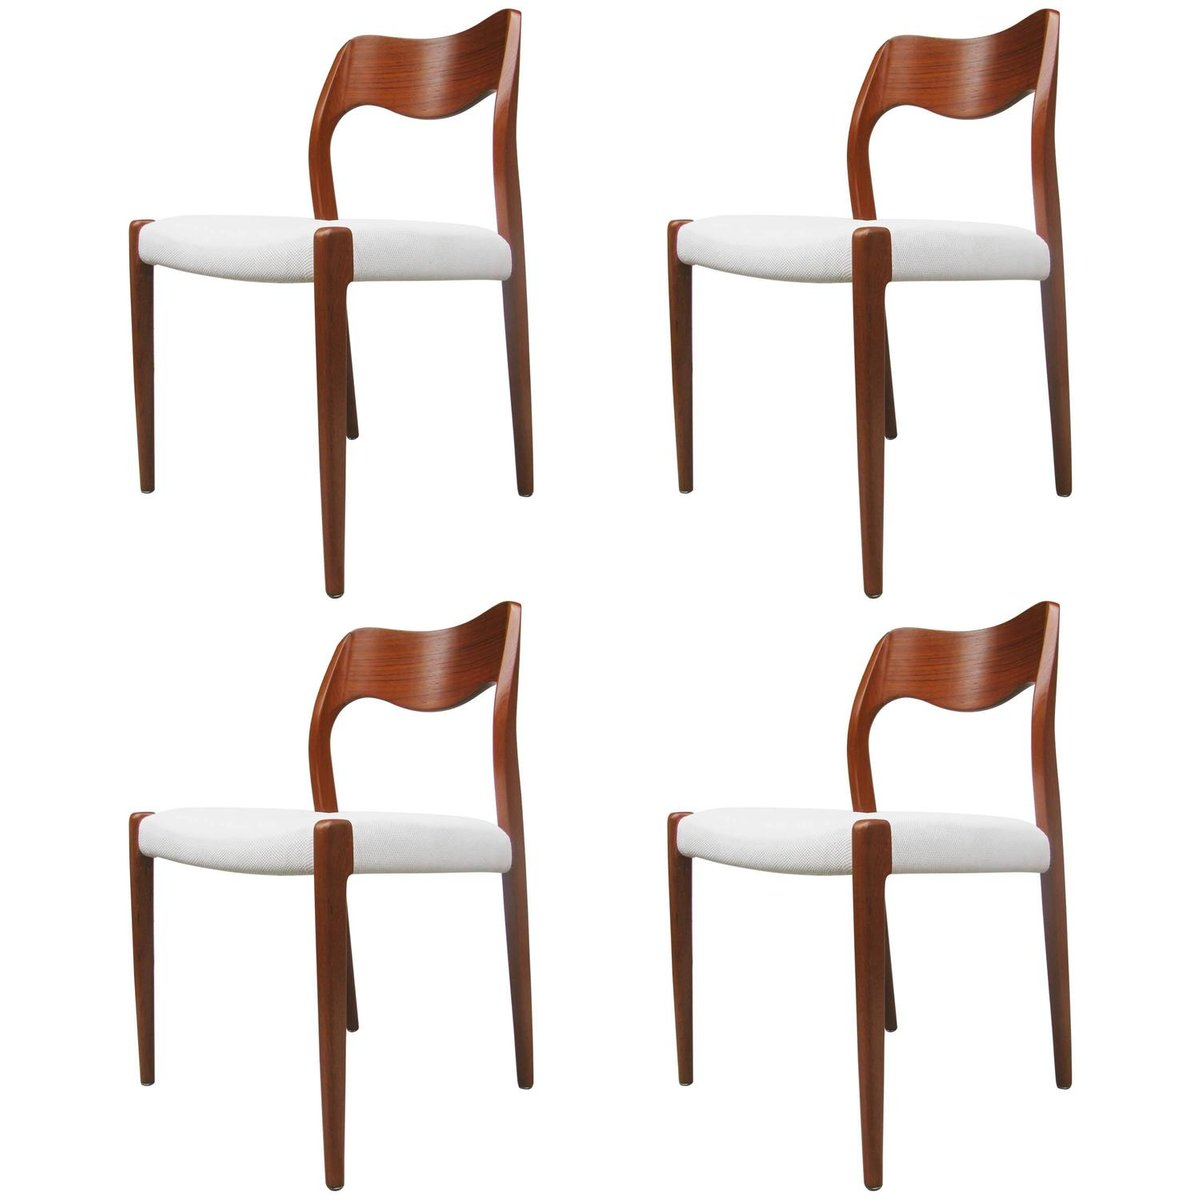 Chaises de salle manger mod le 71 par niels otto m ller for Modele de chaise salle a manger